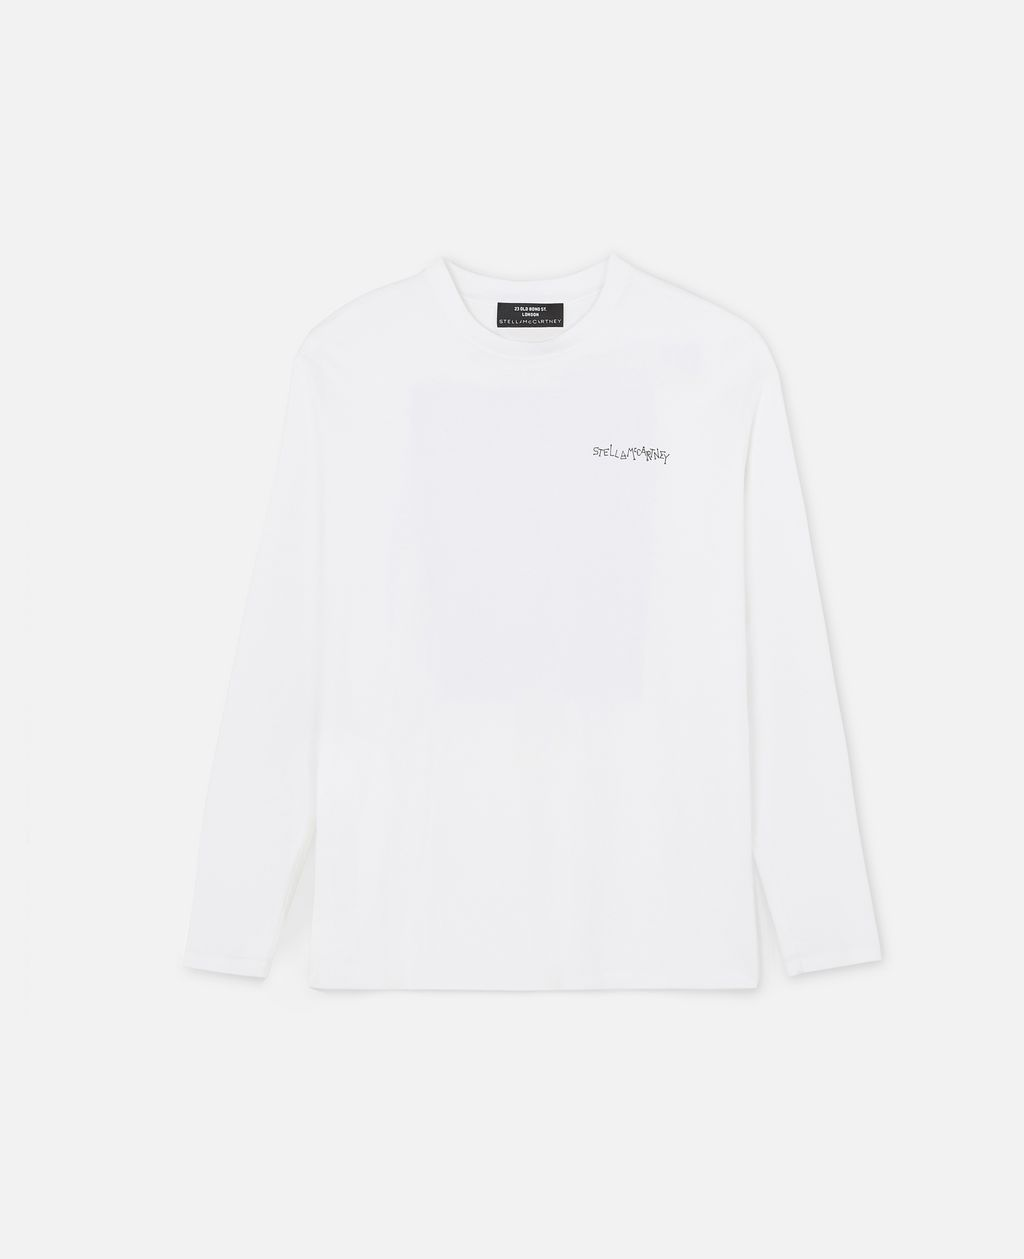 T-shirt Carbot en coton biologique, Unisex, Size L - Stella McCartney - Modalova